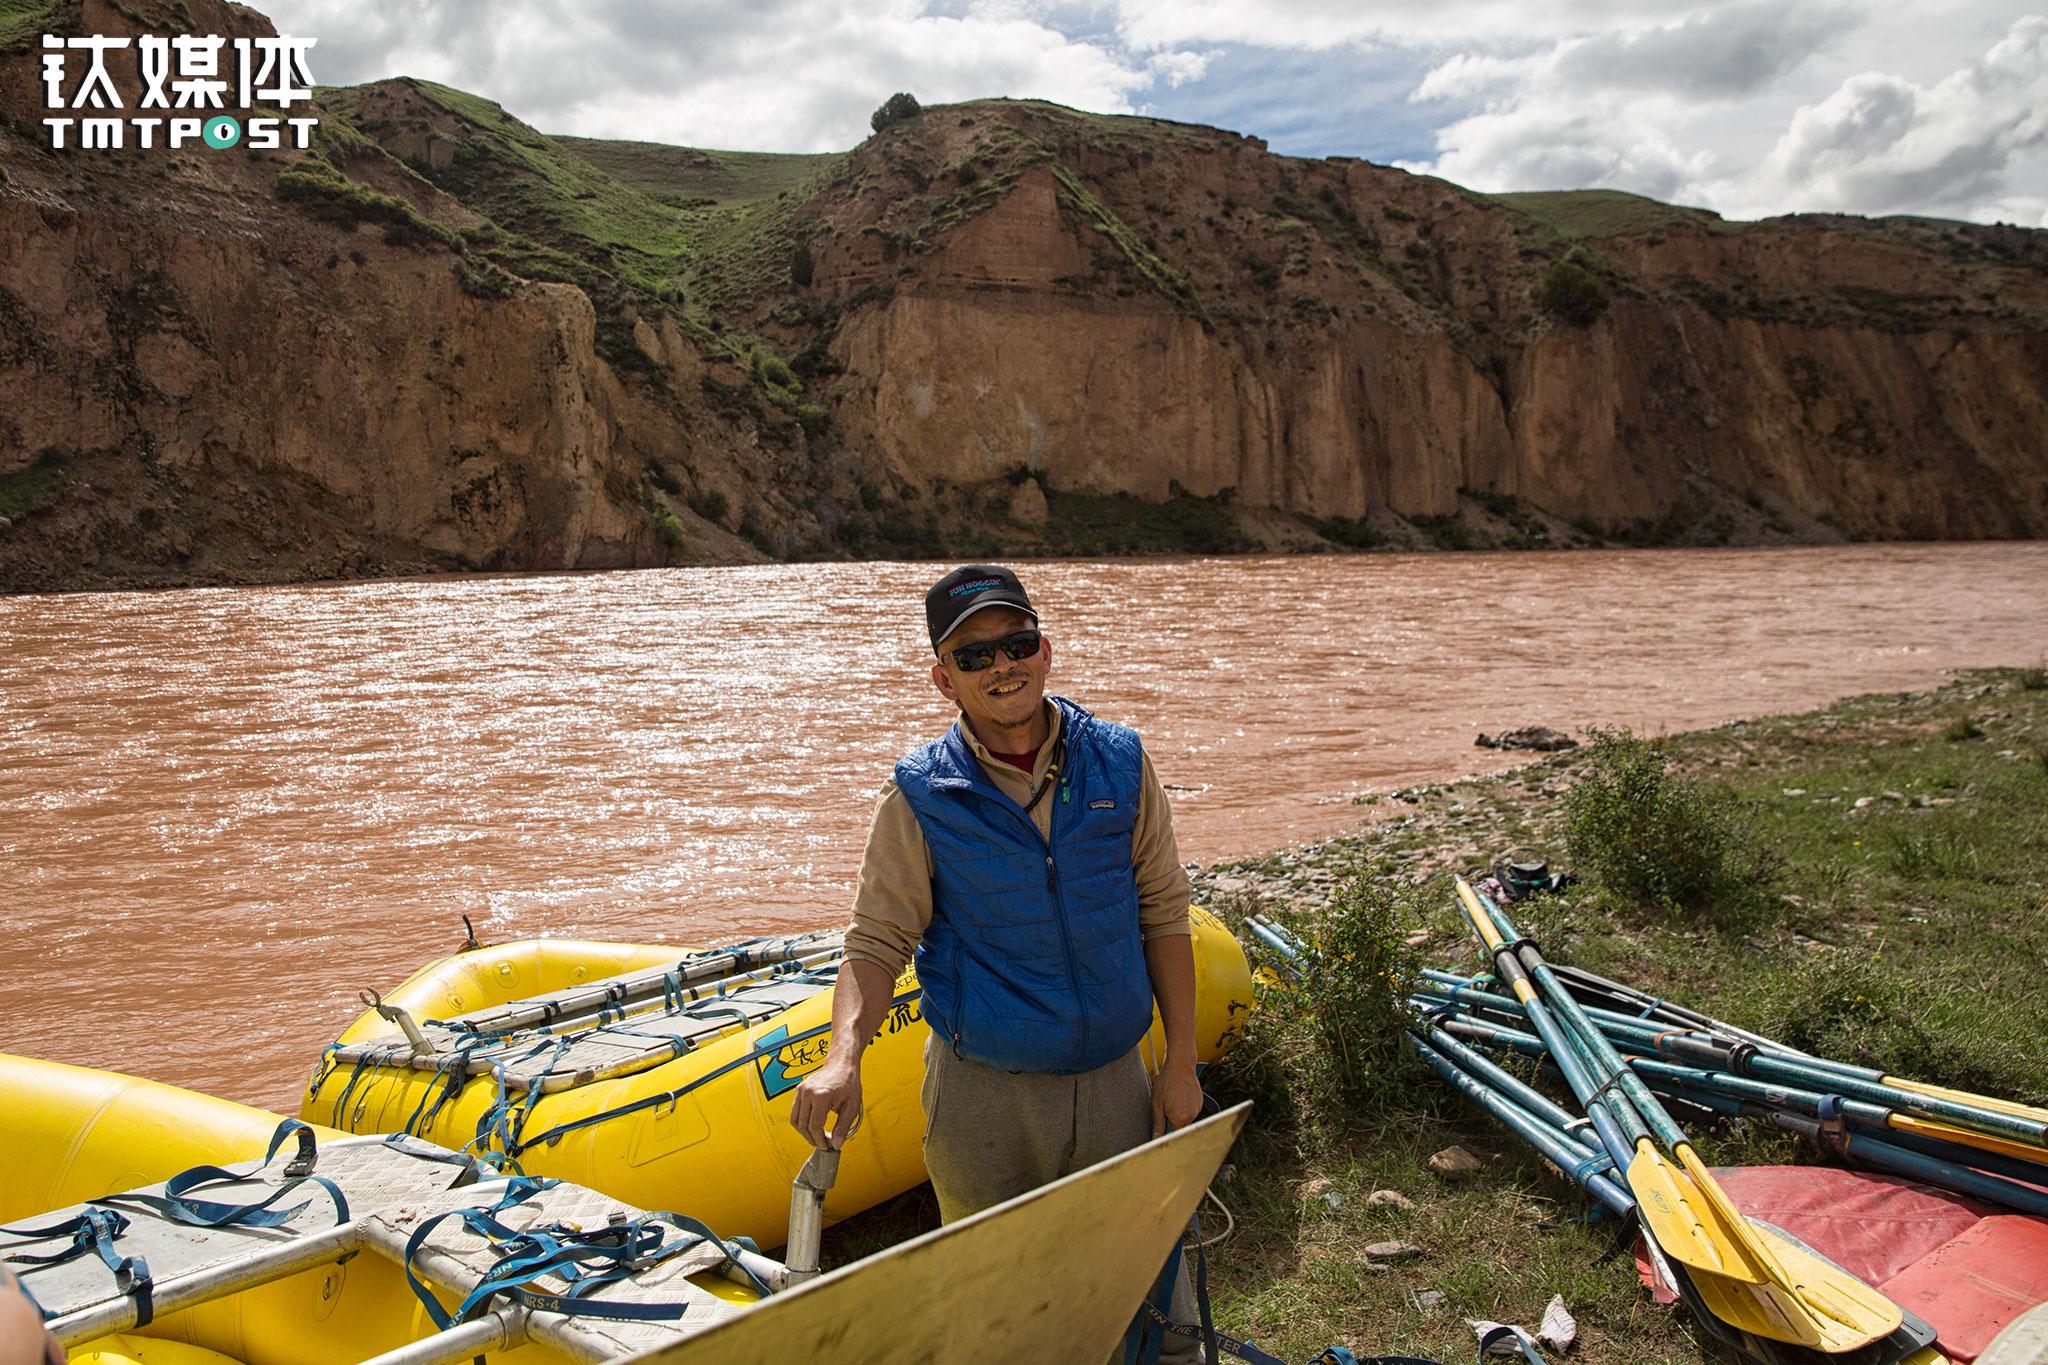 老汤(汤建忠)是唯一的中国船长,他也是河流上的大厨,负责每天的晚餐。老汤1990年代成为登山向导,2004年开始漂流。他漂过南盘江、澜沧江、怒江、把边江、牛栏江、通天河、金沙江、拉萨河中上游、美国科罗拉多大峡谷、White Salmon、Preyett等江河,漂流距离超过7000公里。他也是迄今唯一一名在21天漂流中全程掌舵双桨皮划艇成功漂流科罗拉多大峡谷360公里(从Lee's Ferry至Diamond Creek)所有险滩且没有翻船记录的中国人。